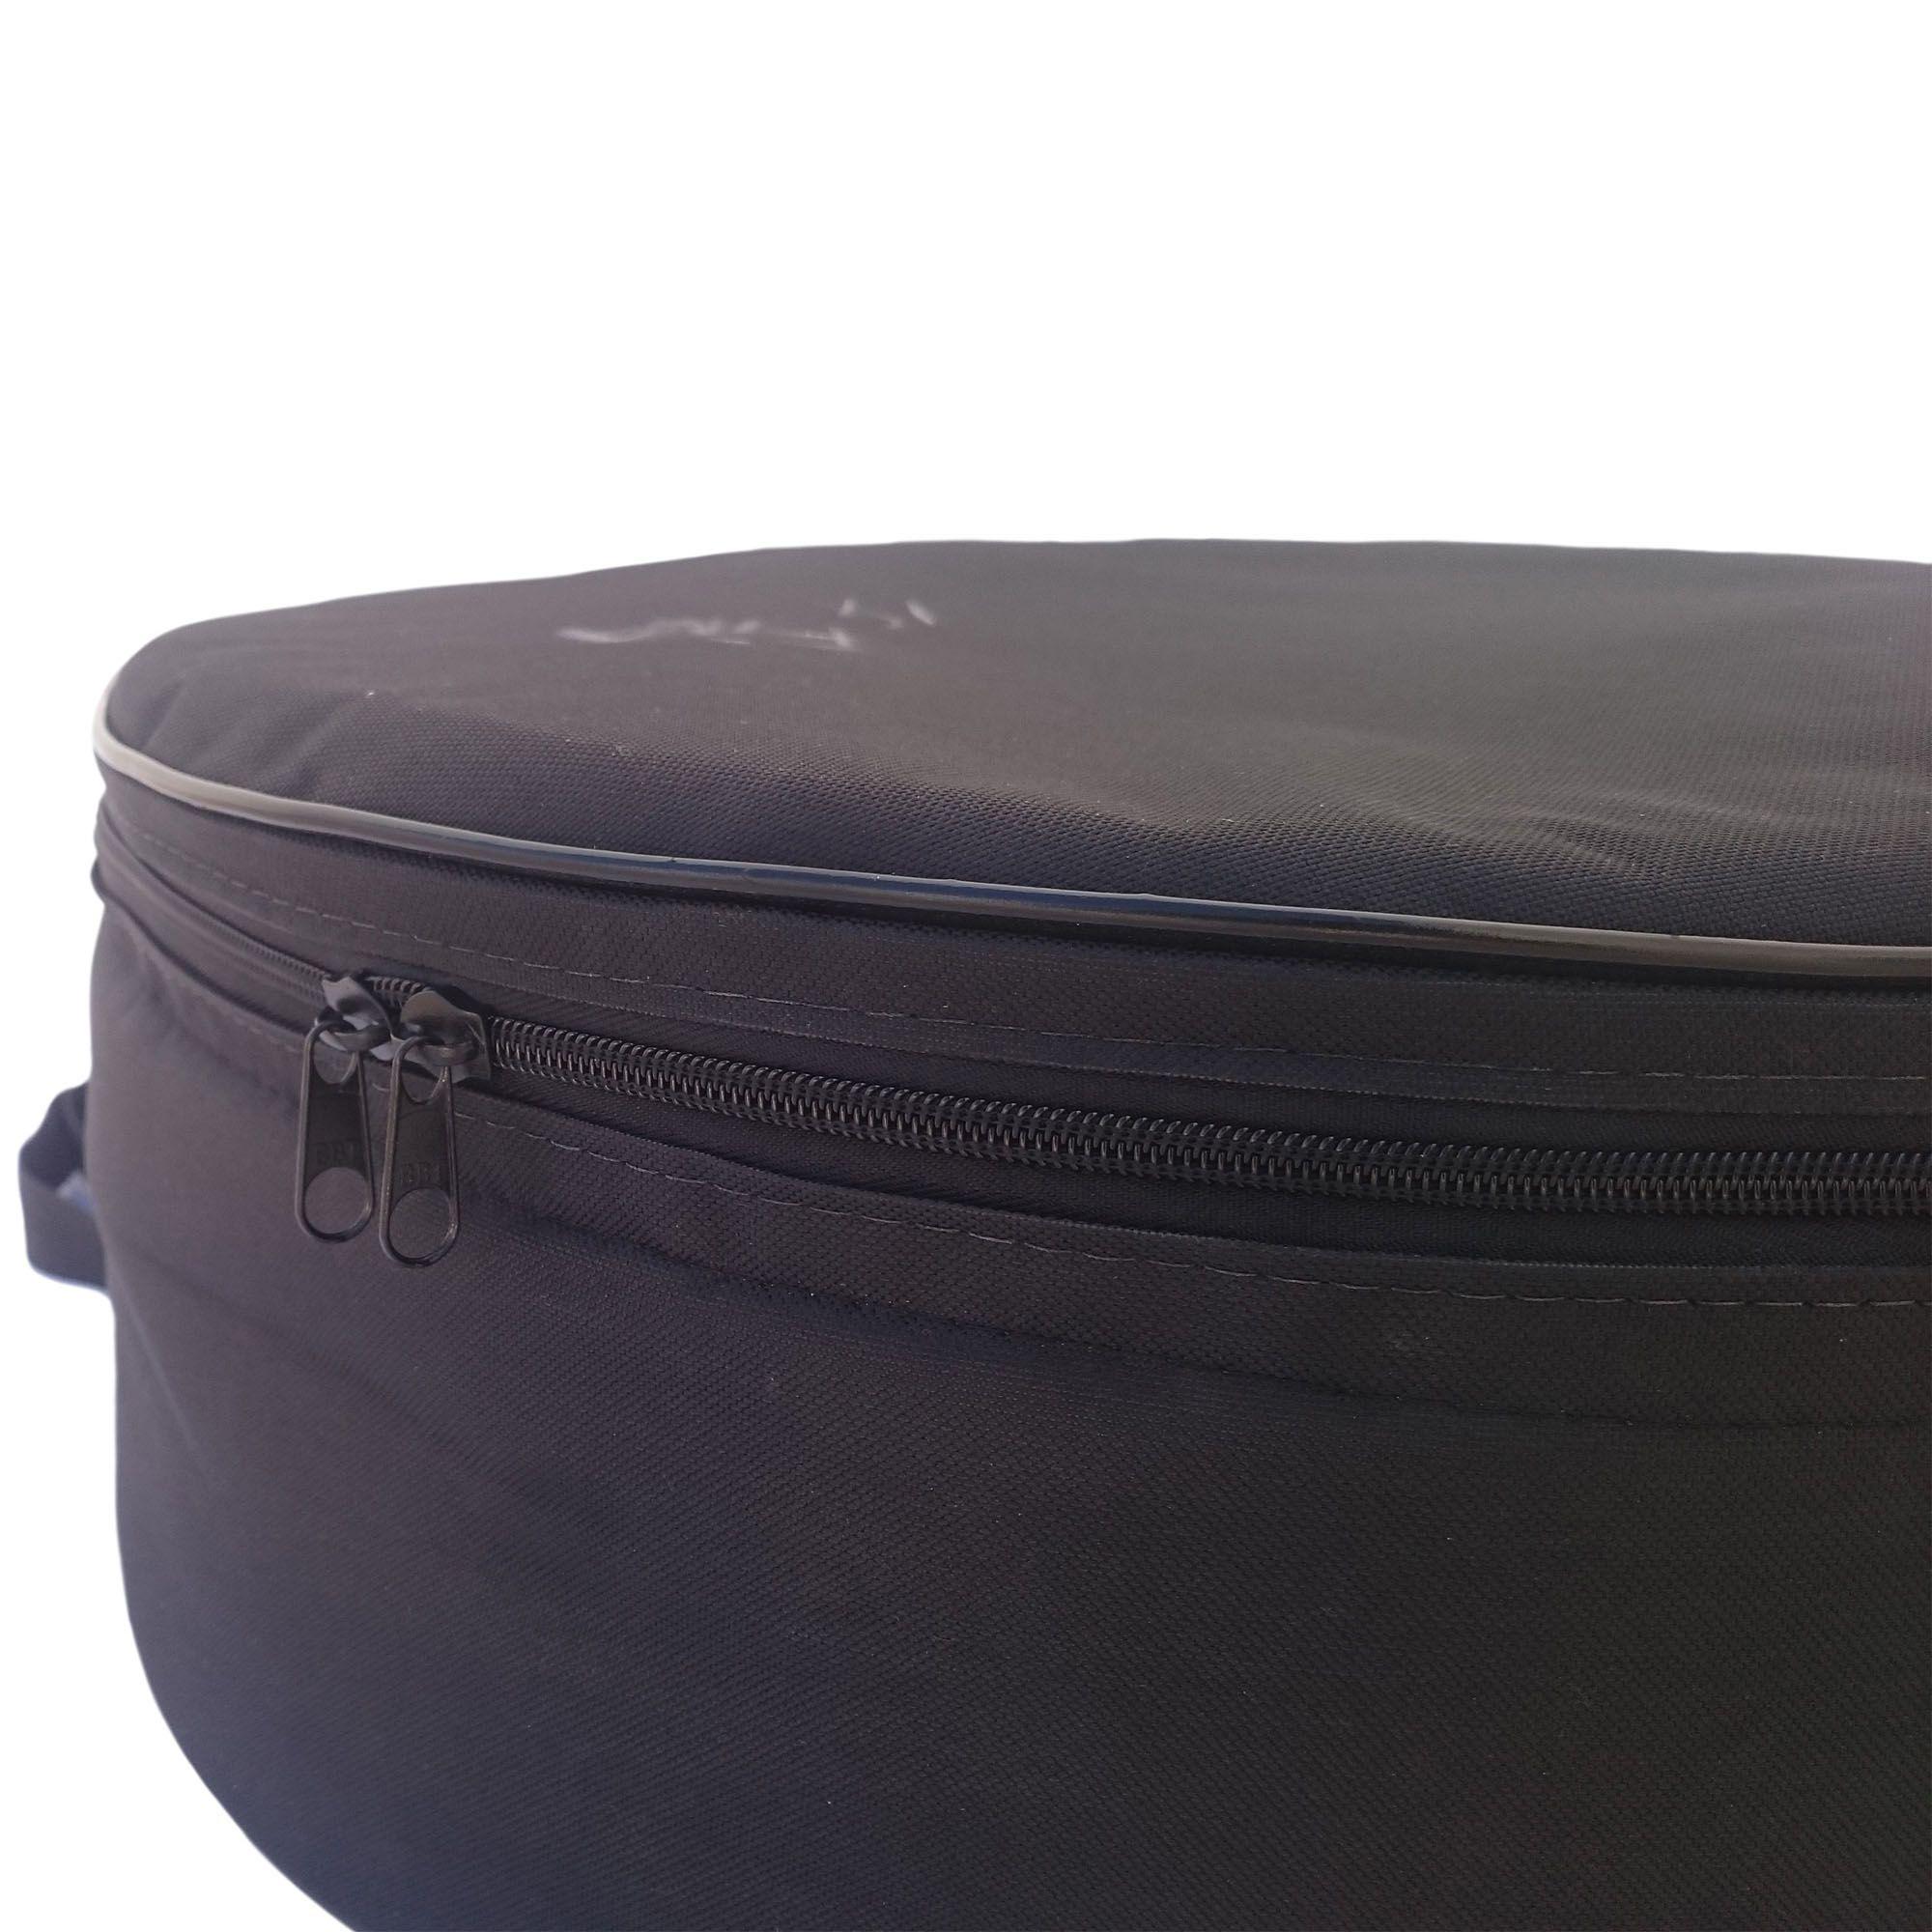 """Capa Bag Extra Luxo para Caixa 14"""" x 18cm"""